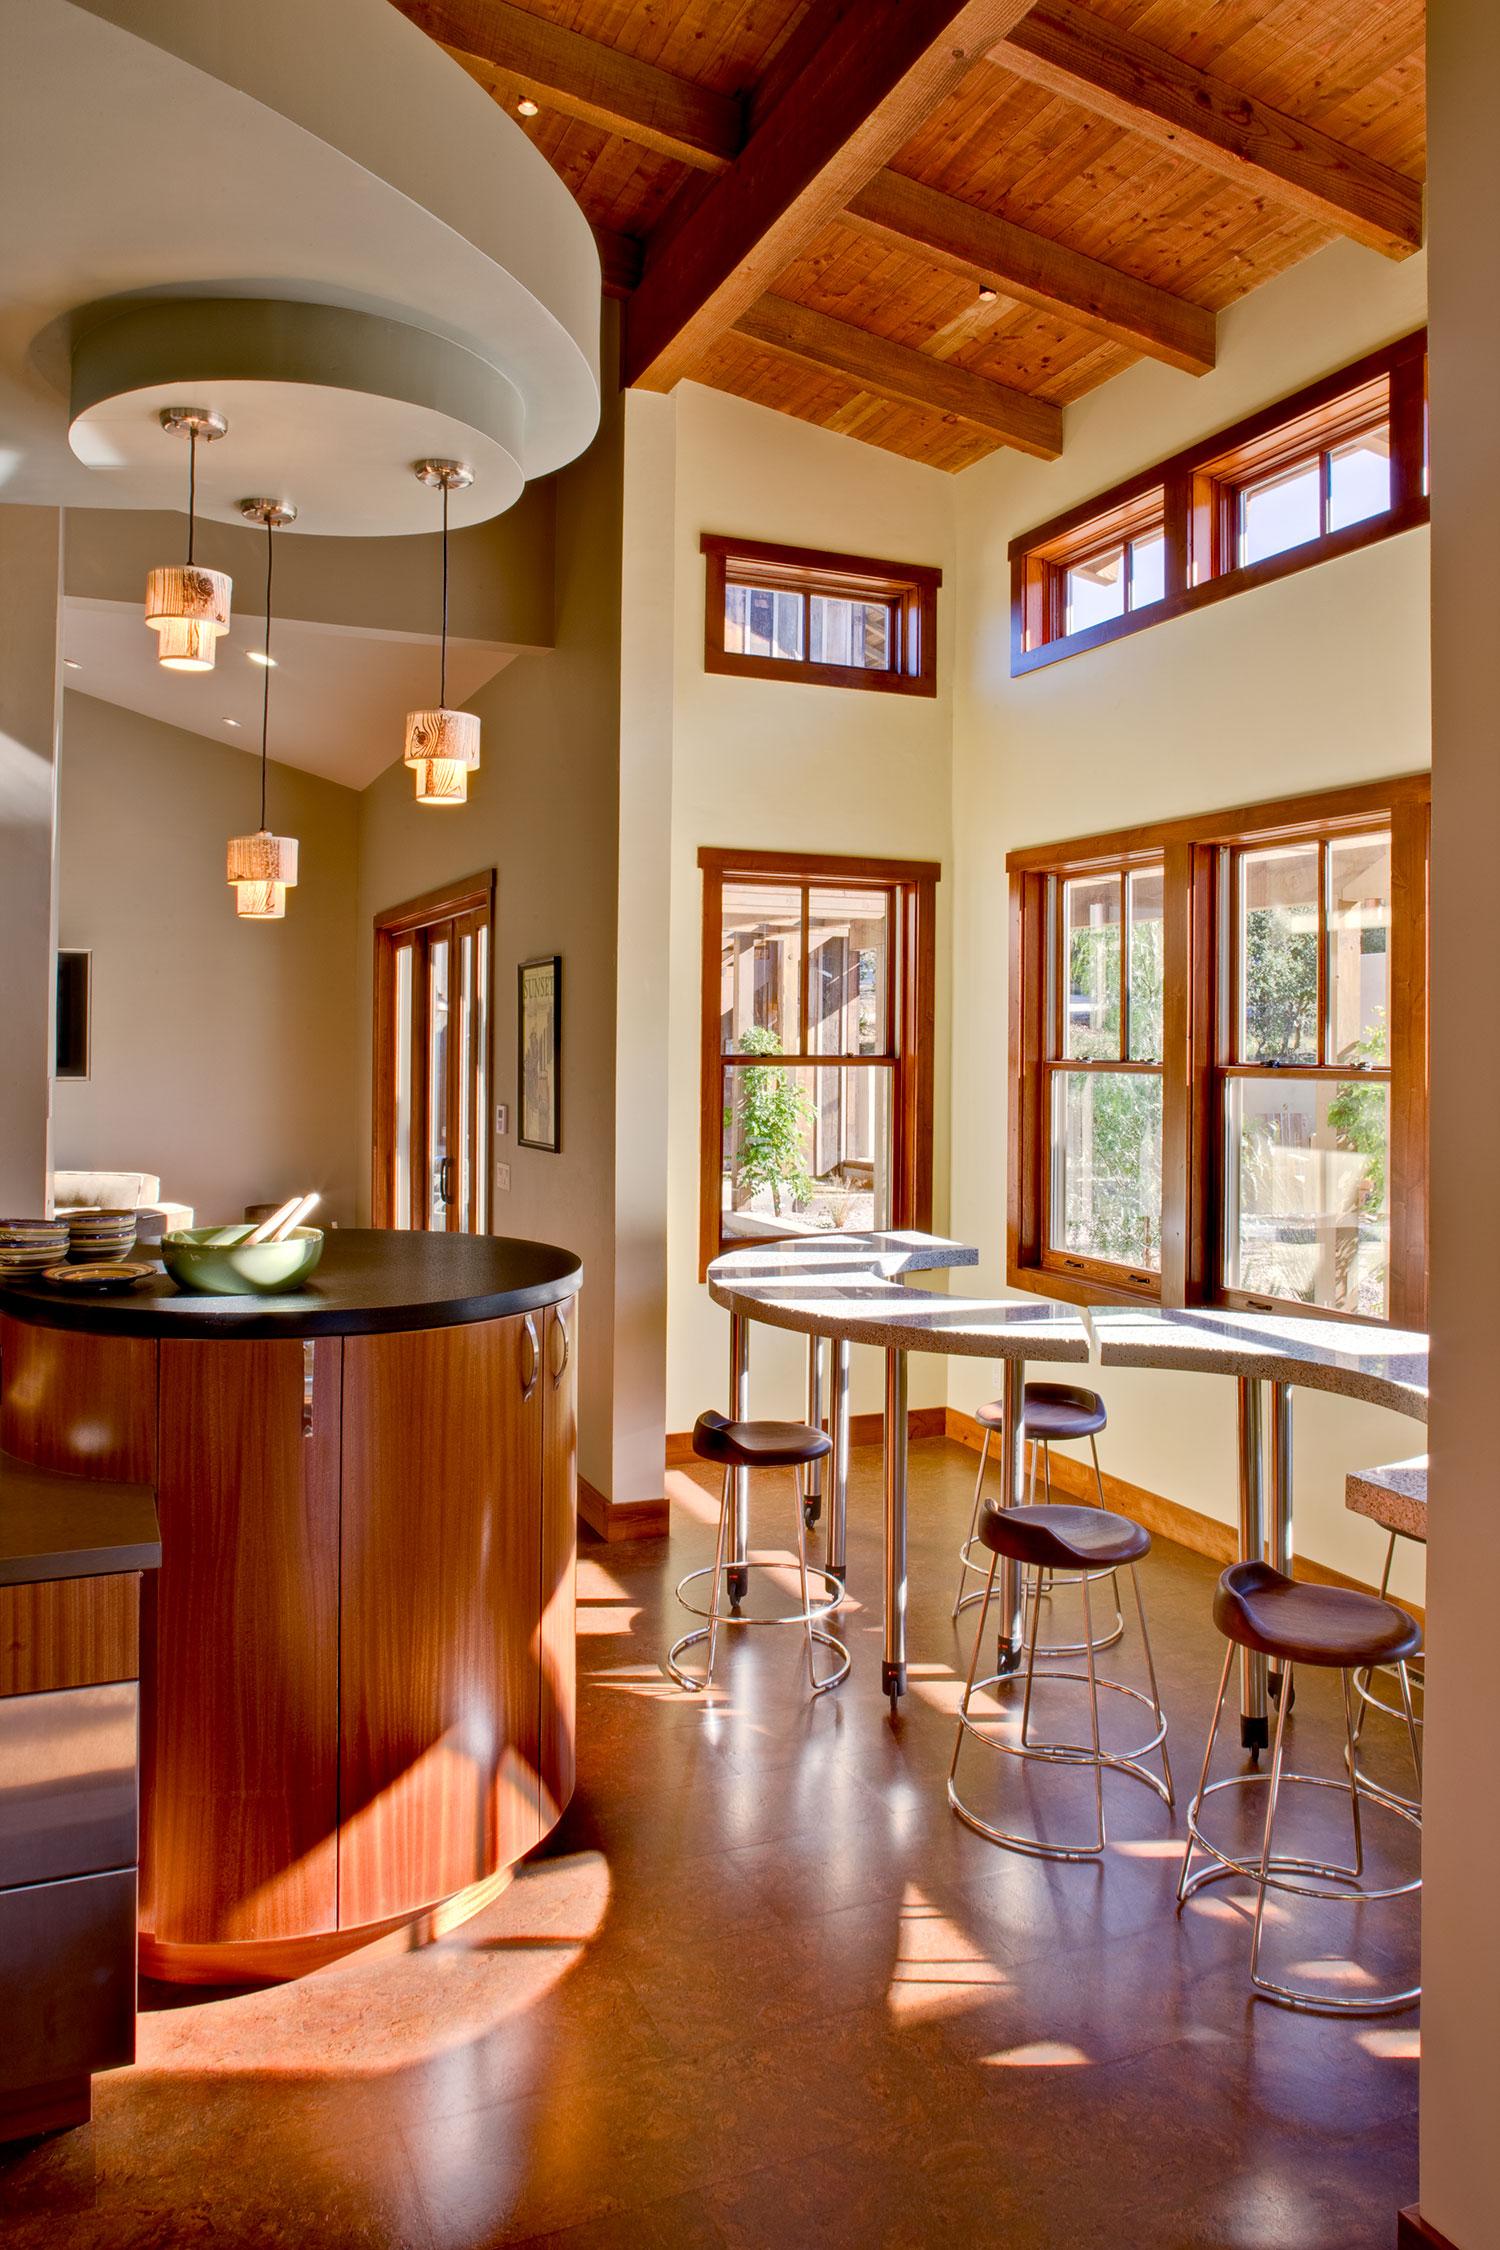 architecture-interior_MecklerPhoto_19.jpg